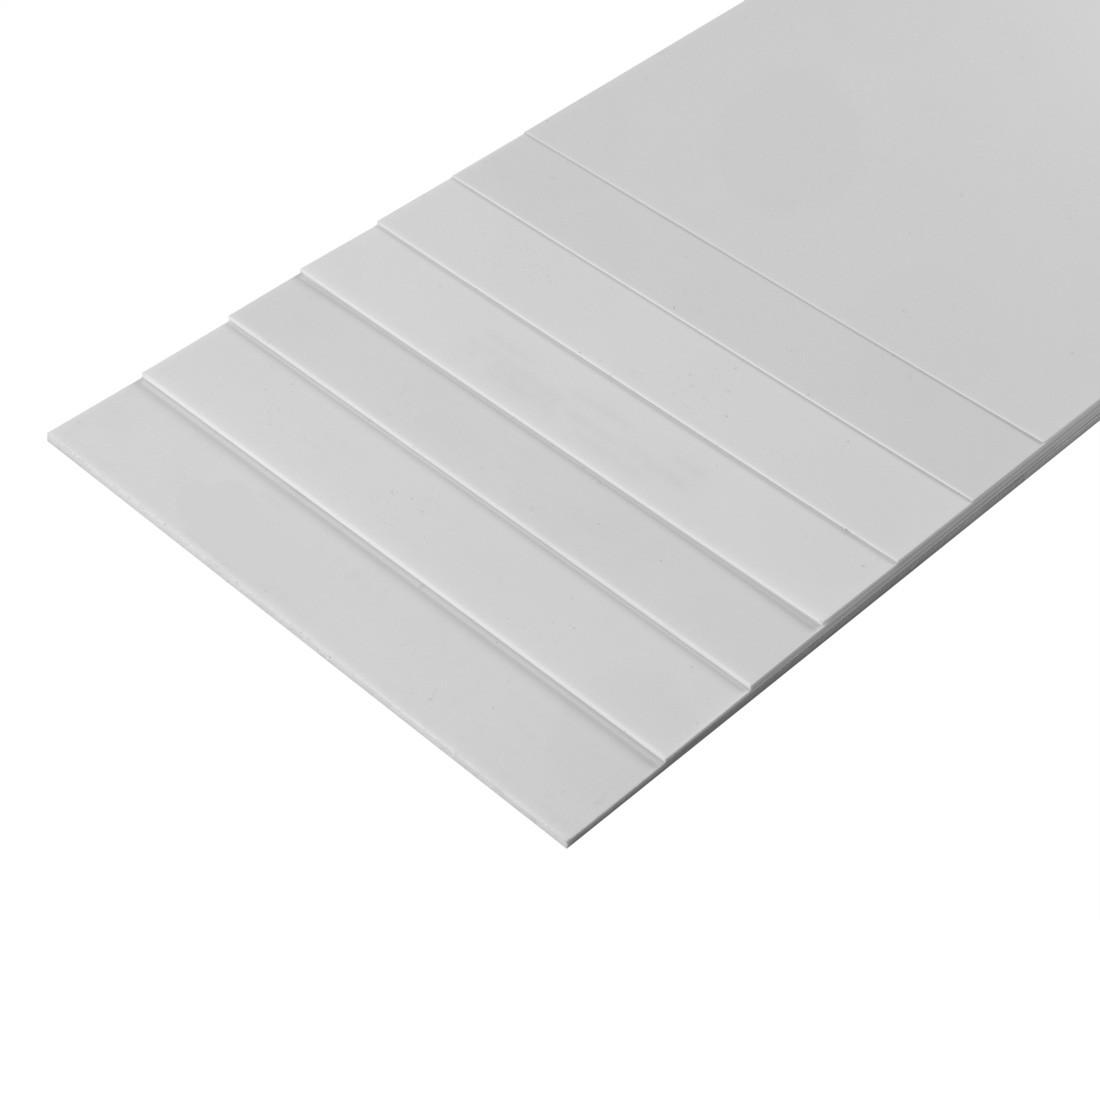 Styrene white mm.194x320 - mm.1,0